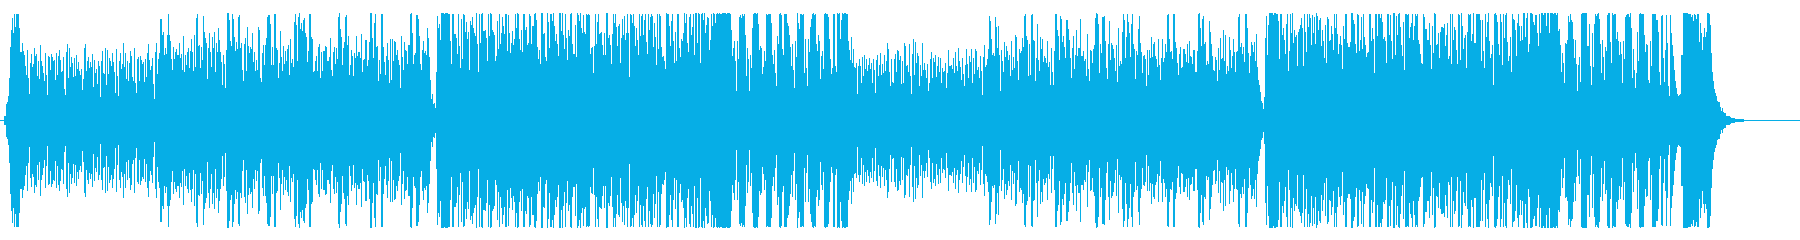 バトル曲 アコーディオンと笛の民族風の再生済みの波形